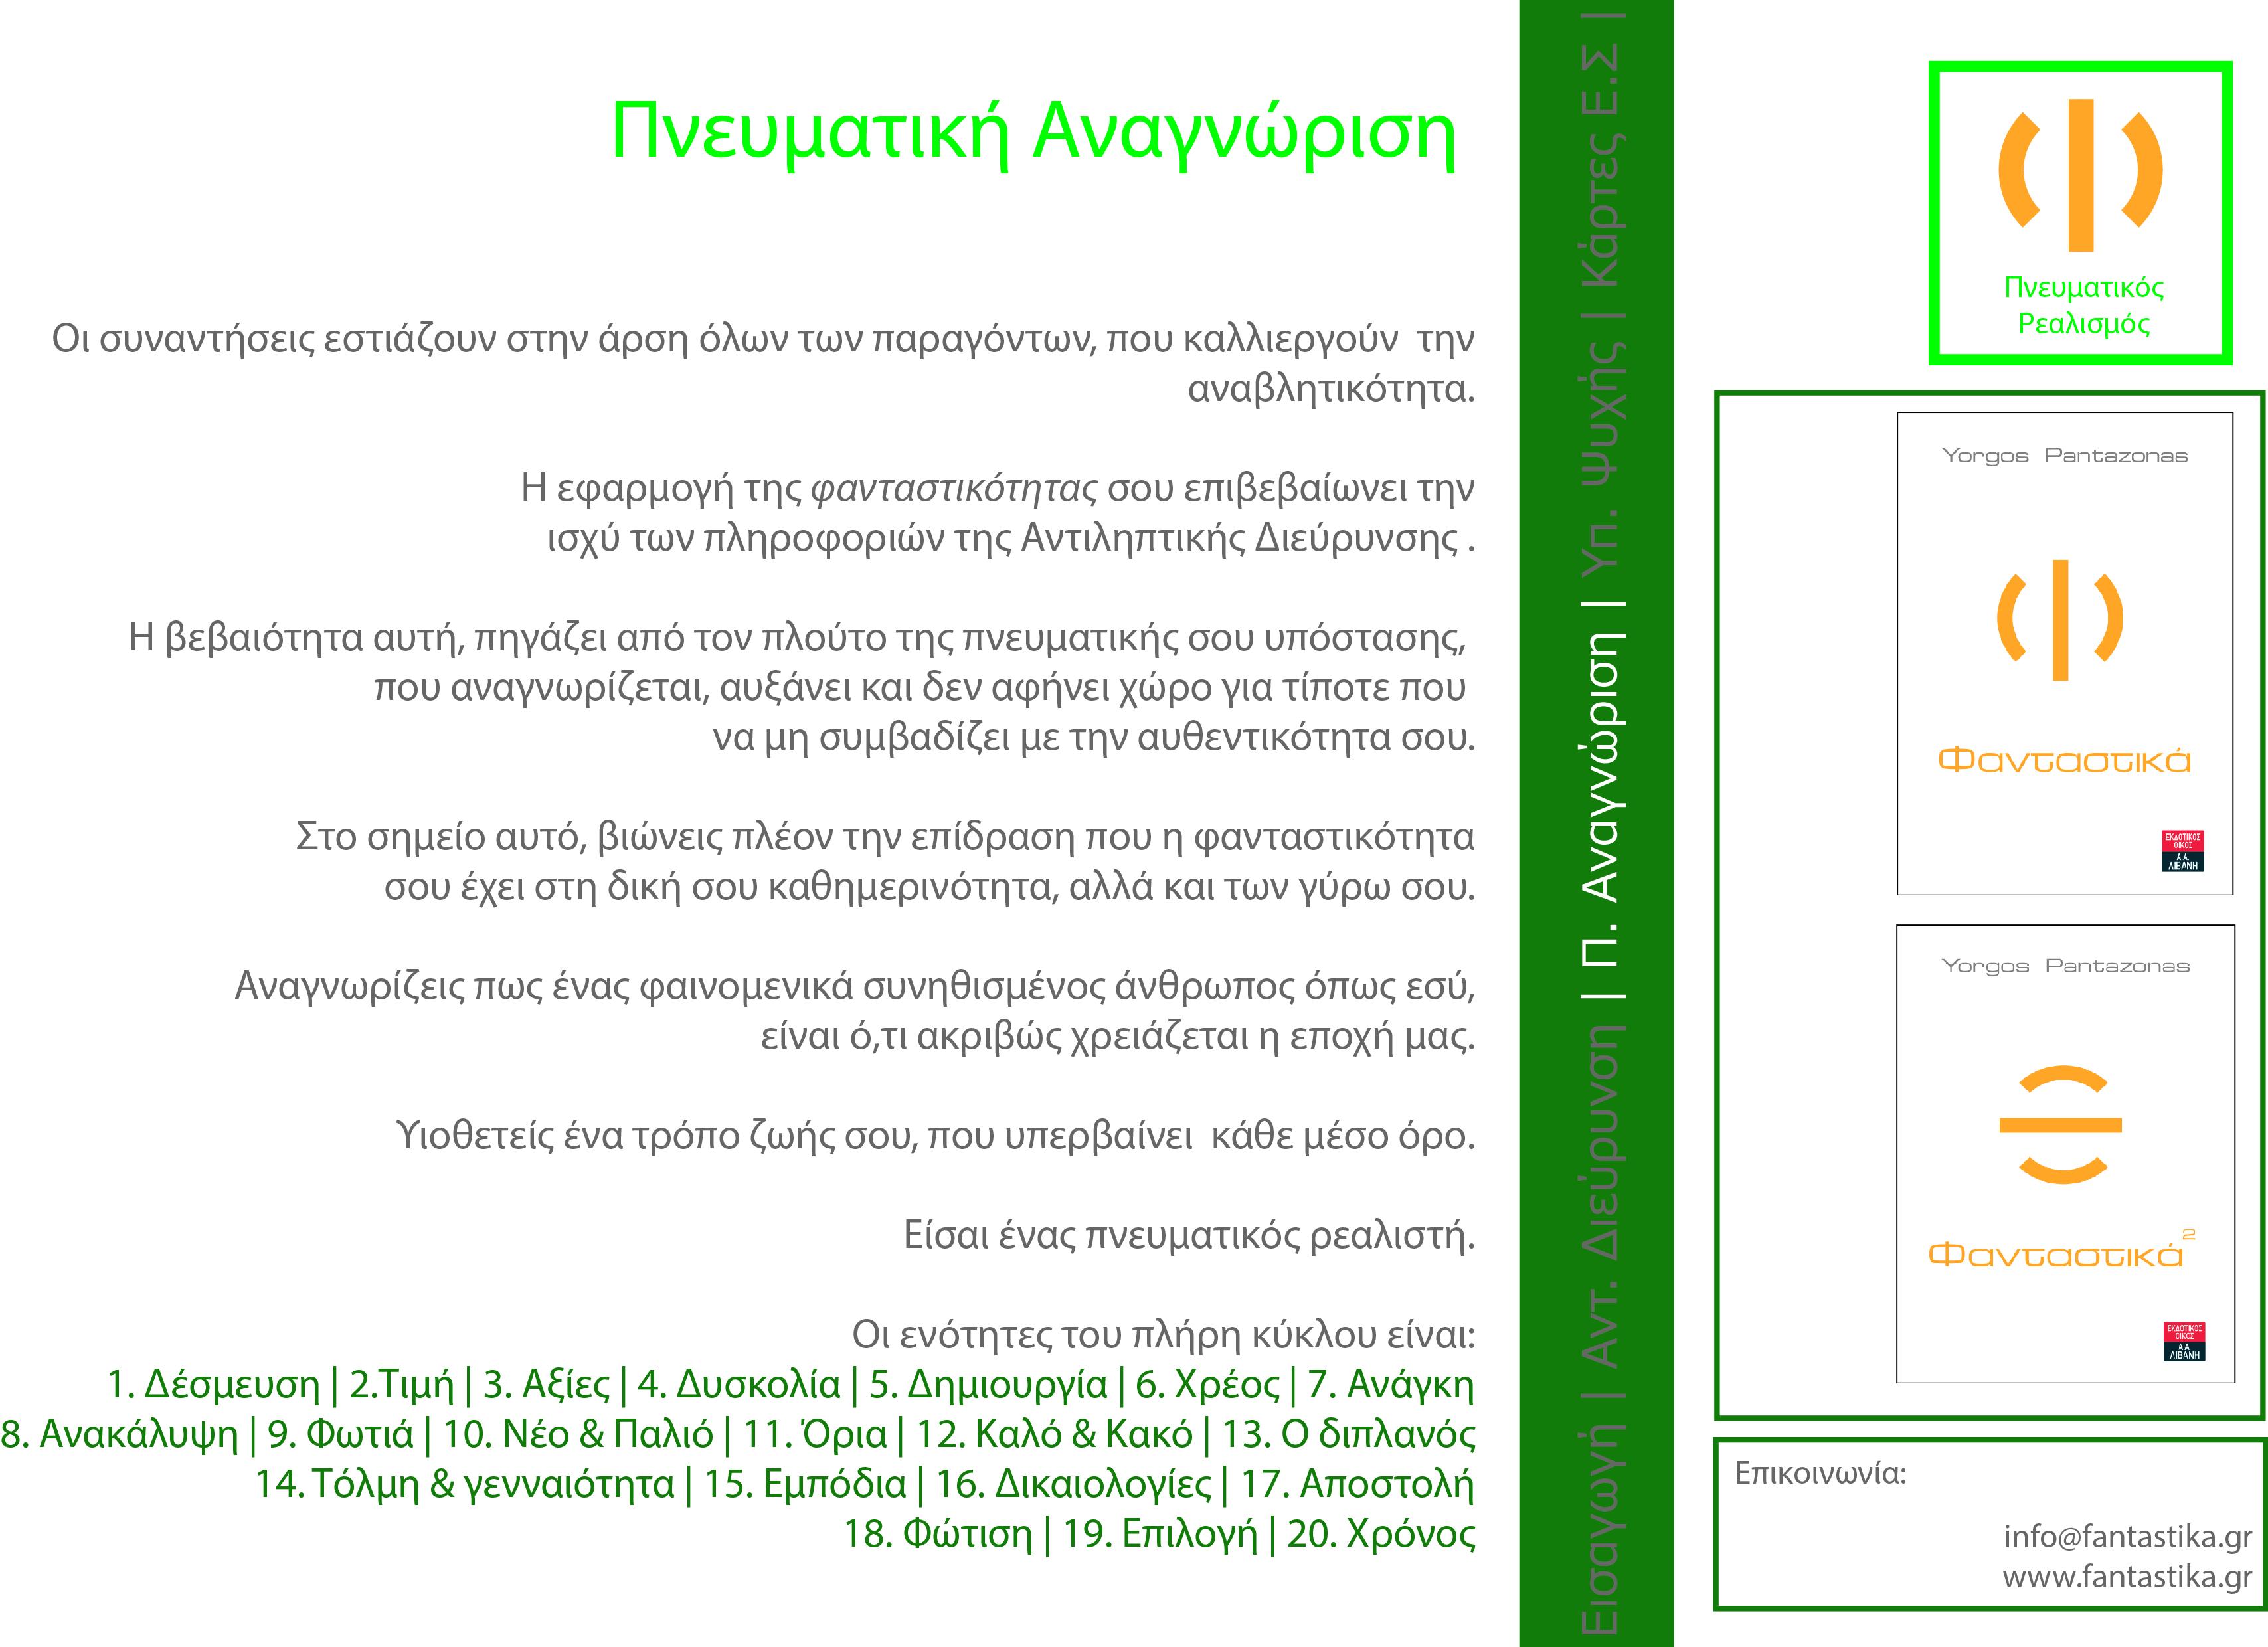 Πνευματική Διεύρυνση_Info